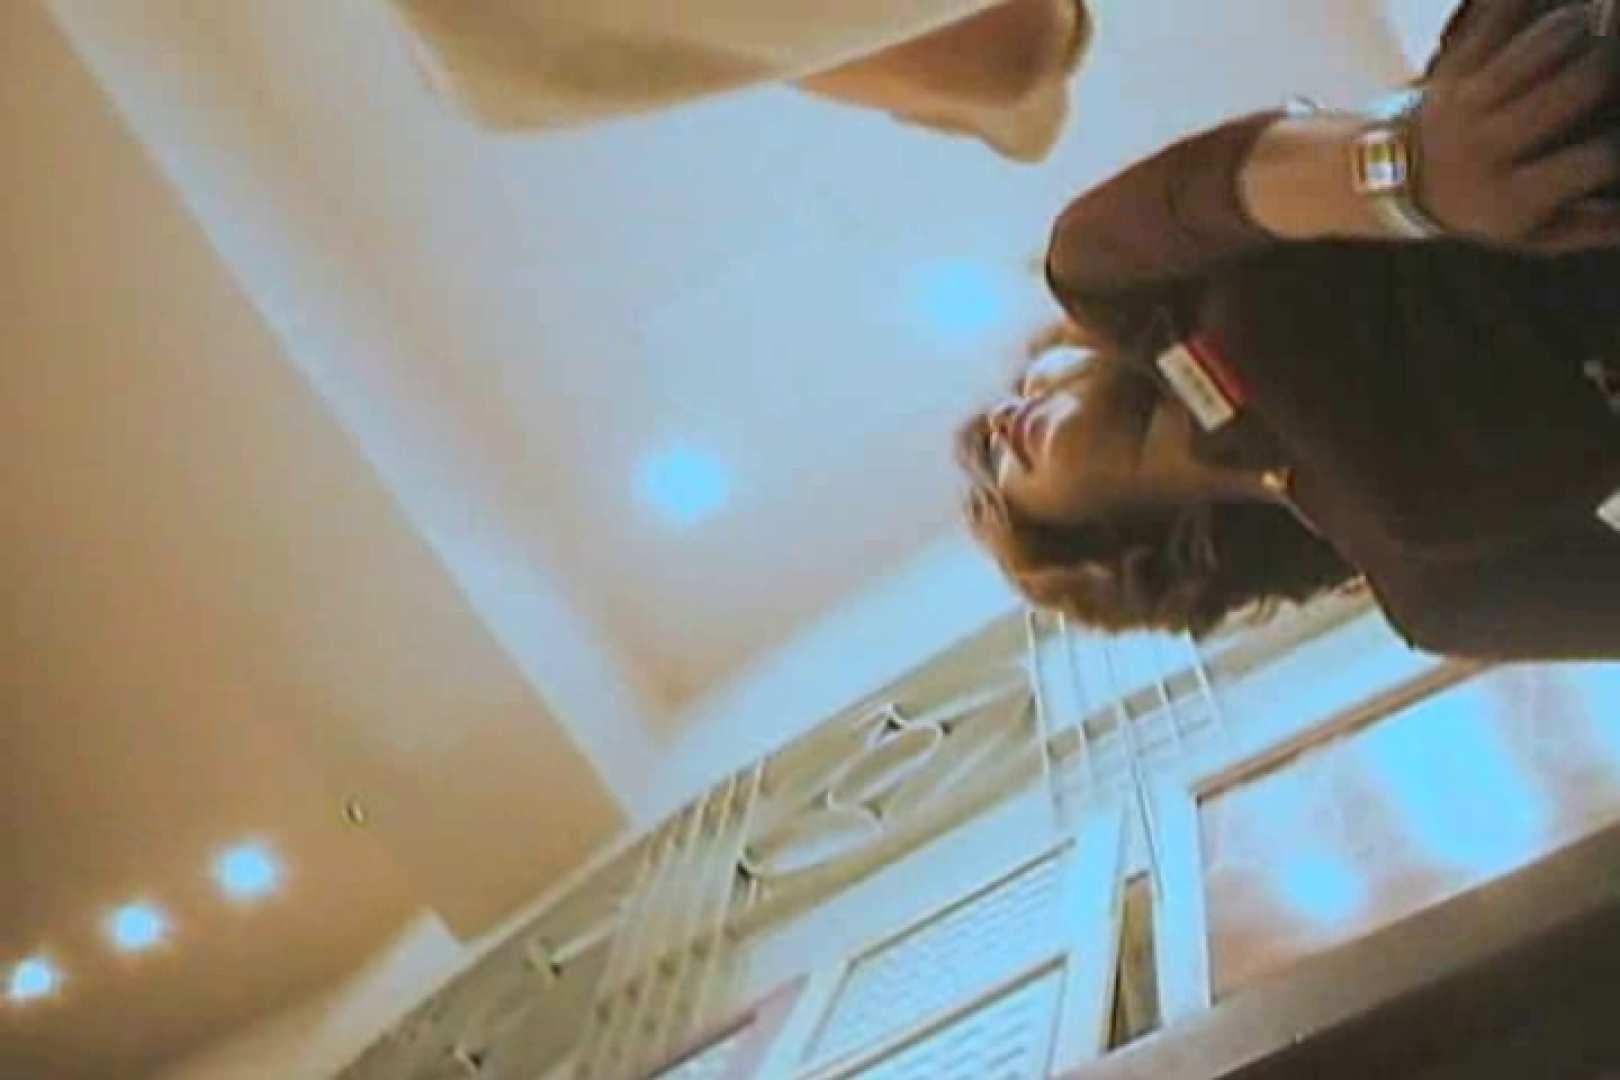 デパートローアングル徘徊 靴カメ盗撮Vol.4 OLヌード天国 オメコ動画キャプチャ 73PIX 2